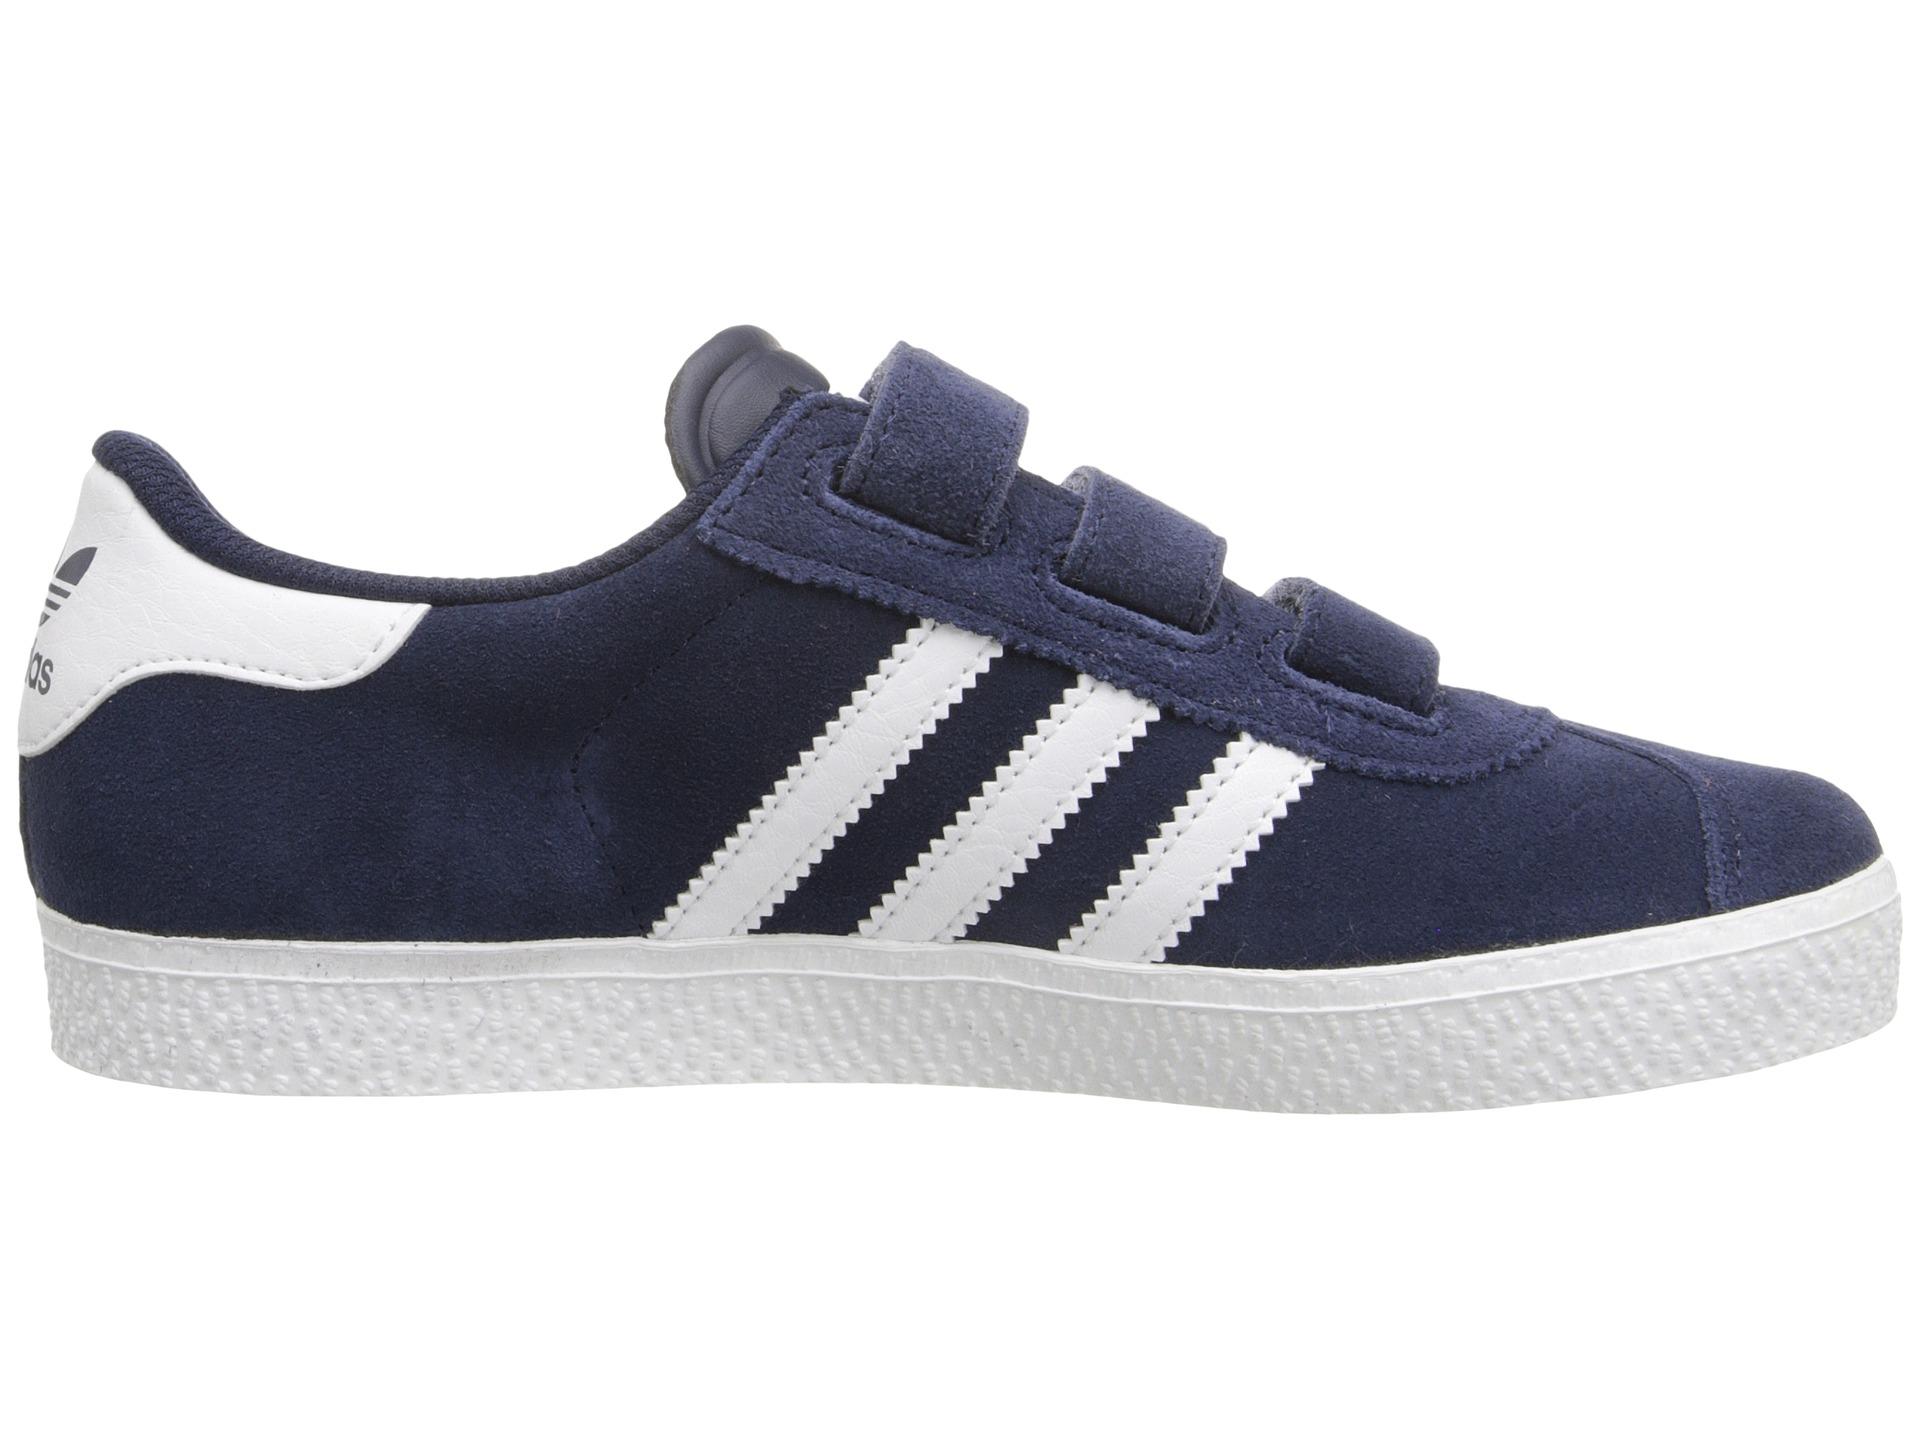 huge discount ea10b 8bdc9 ... 100% top quality Adidas Eqt Primeknit Men Hats At Zumiez Justice In  Tuscany 72a7f 10548 ...